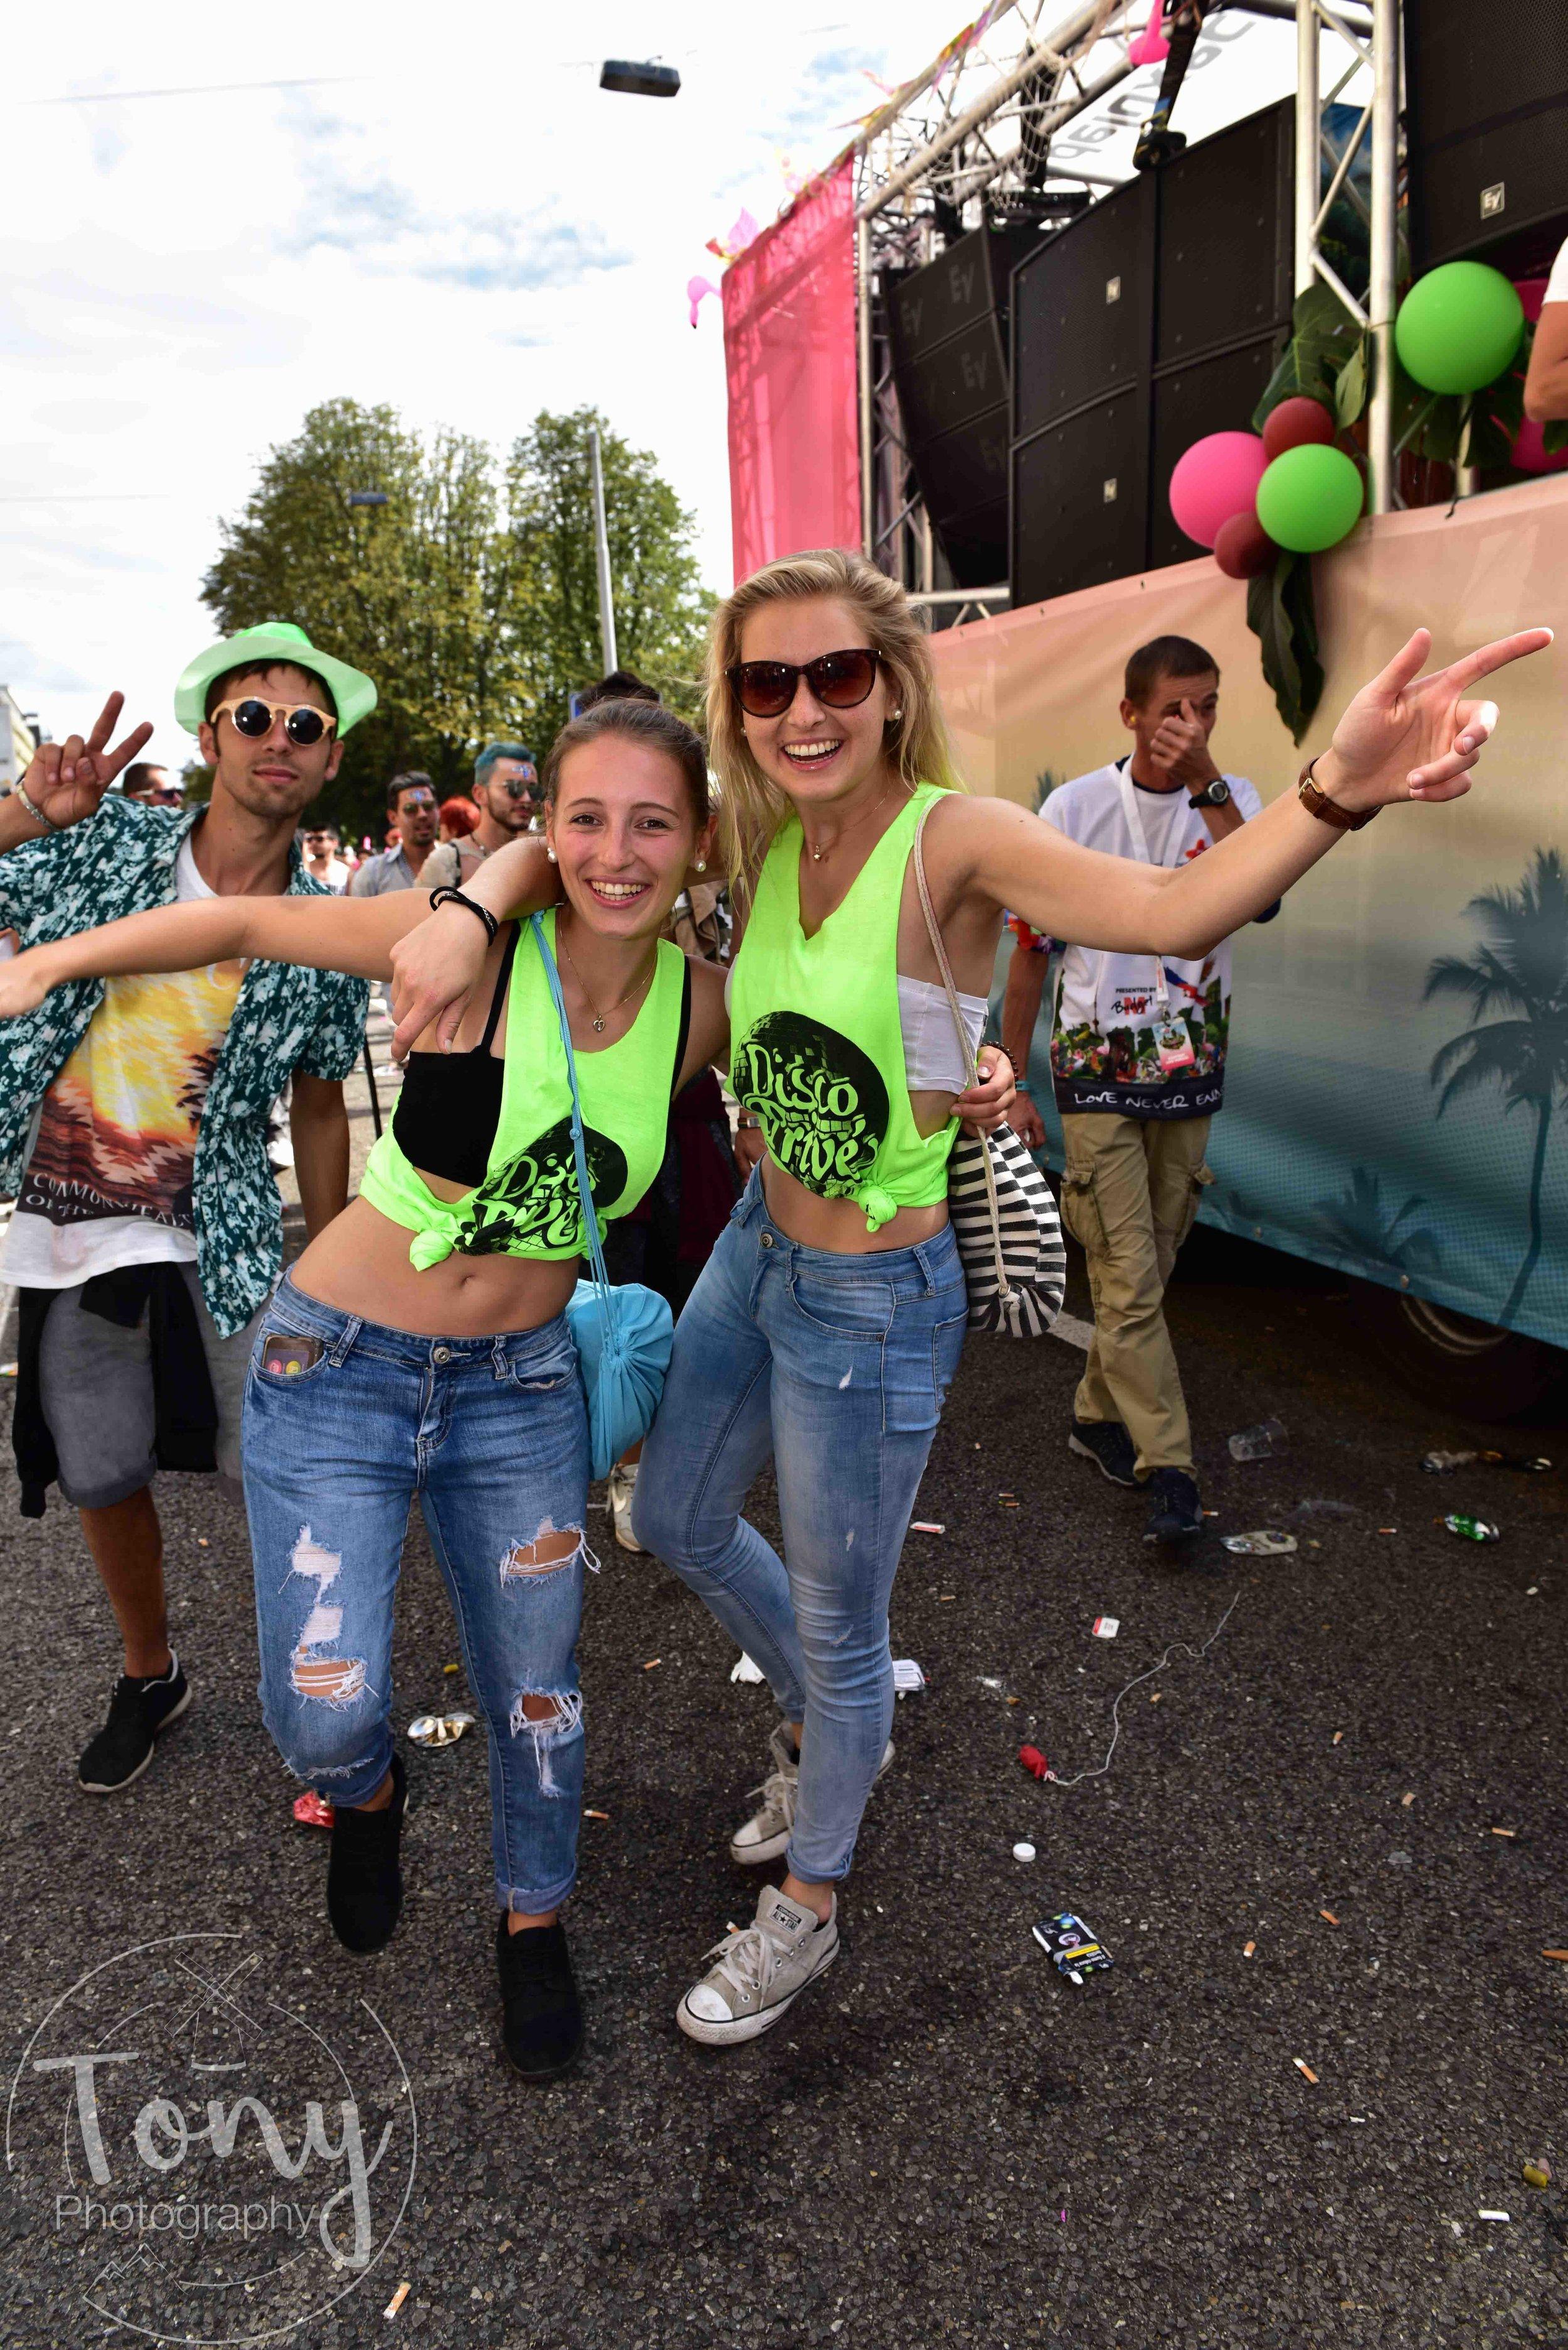 streetparade-160.jpg